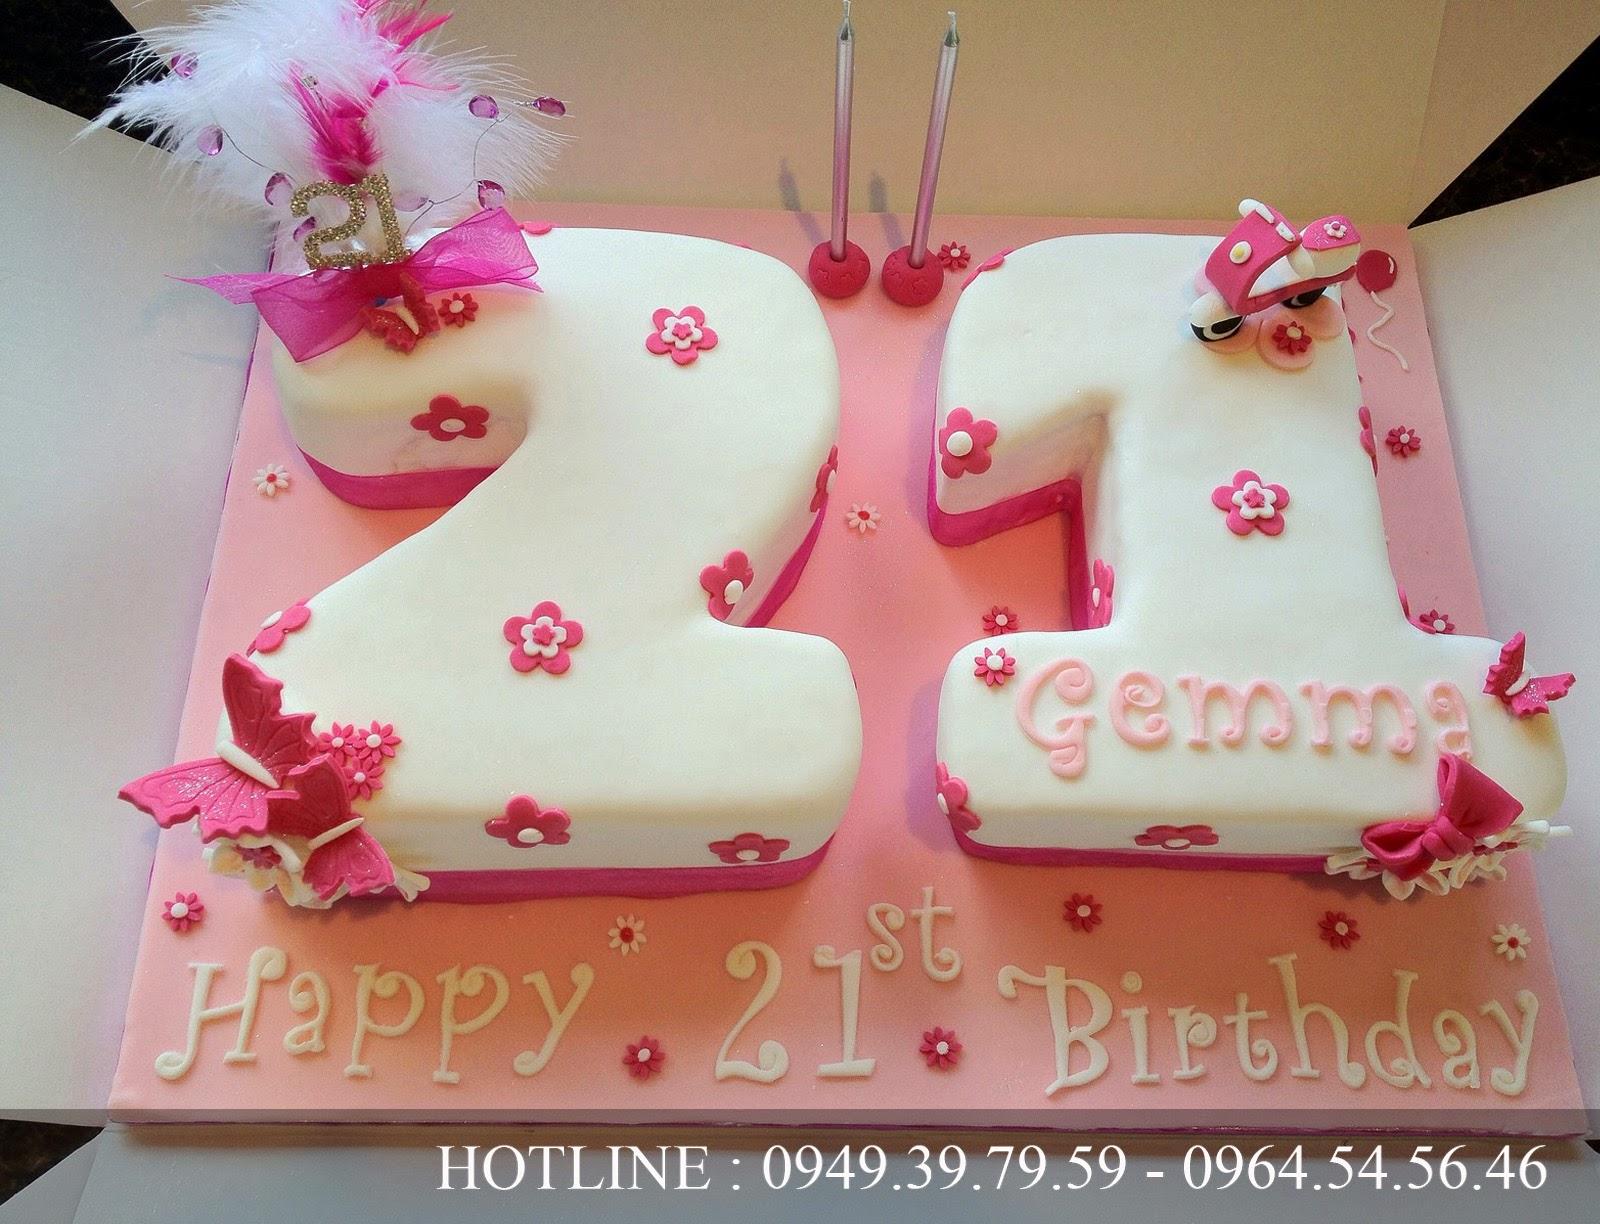 Những mẫu bánh sinh nhật đẹp, dễ thương được yêu thích nhất sẽ giúp bạn dễ dàng lựa chọn khi đặt bánh kem sinh nhật để tặng người yêu, ...